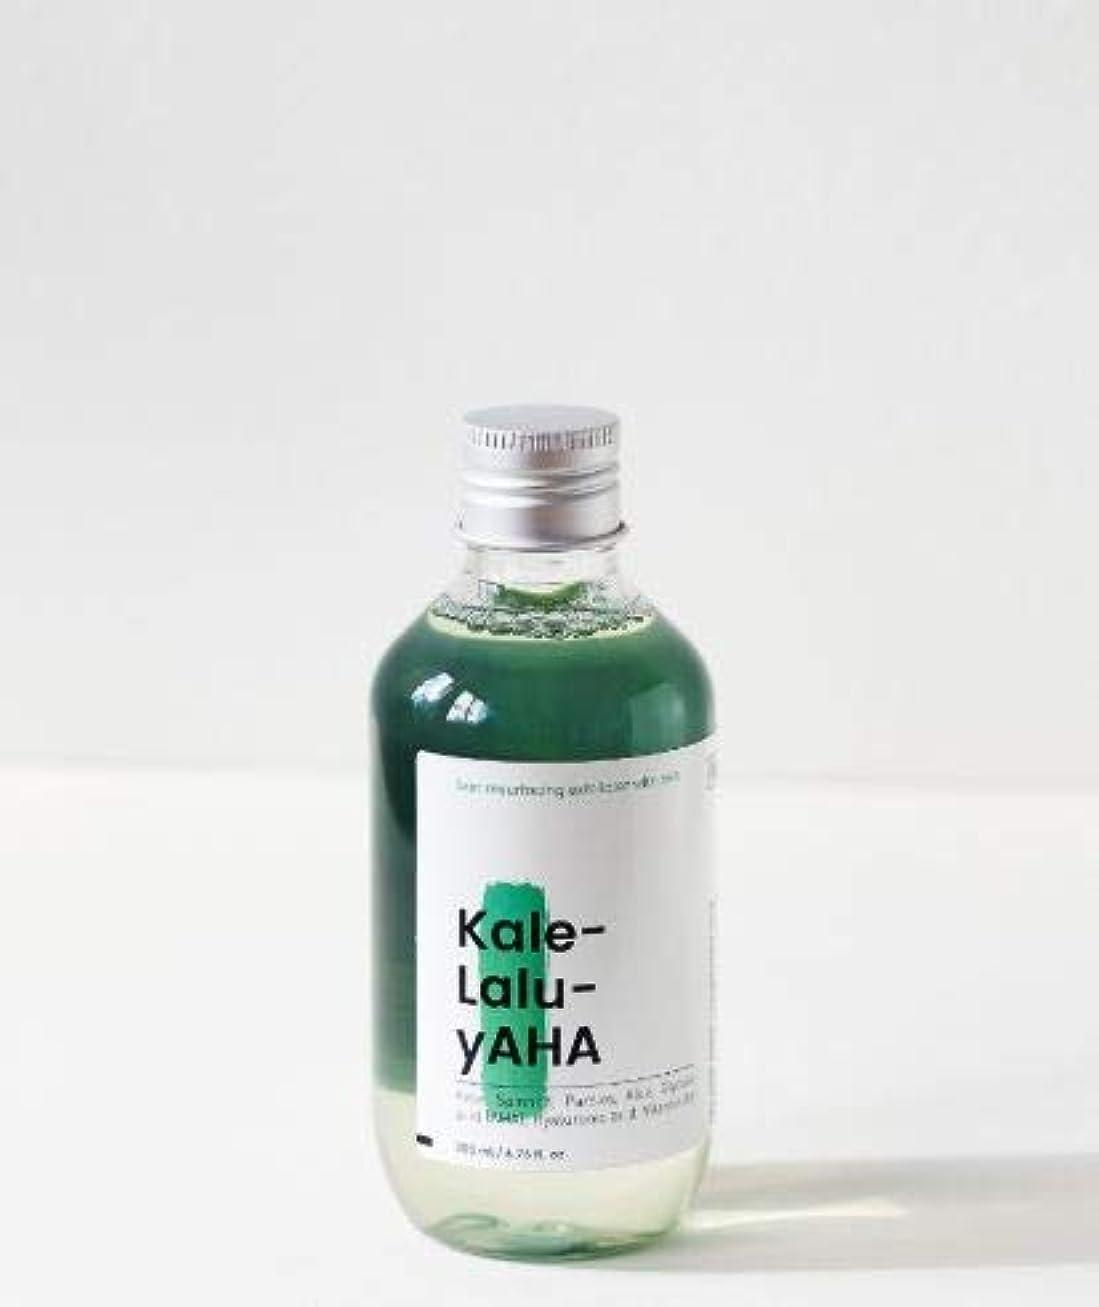 十年エレガントラメ[Krave] Kale-lalu-yAHA 200ml / ケイルラルヤ 200ml [並行輸入品]